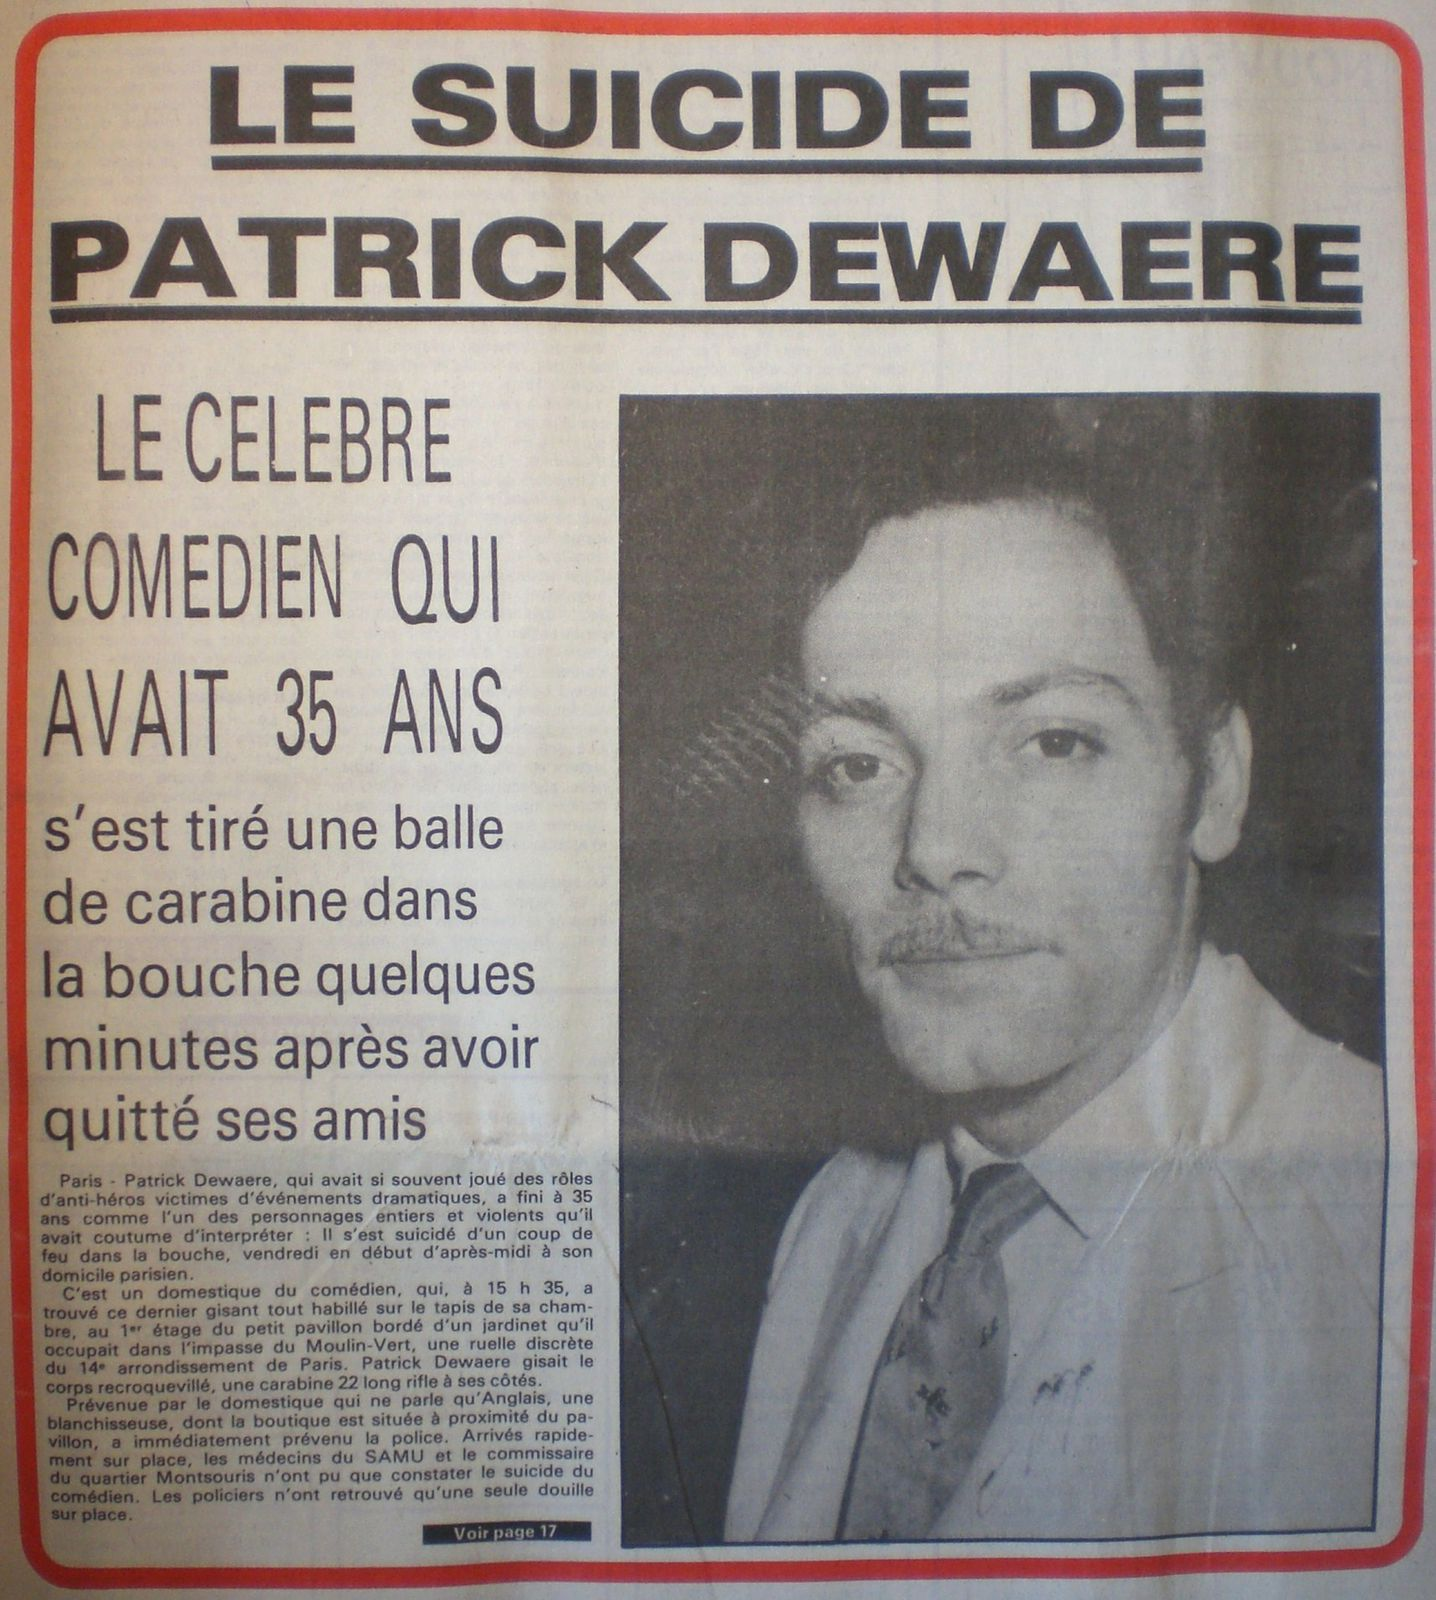 Suicide-Patrick-Dewaere.JPG